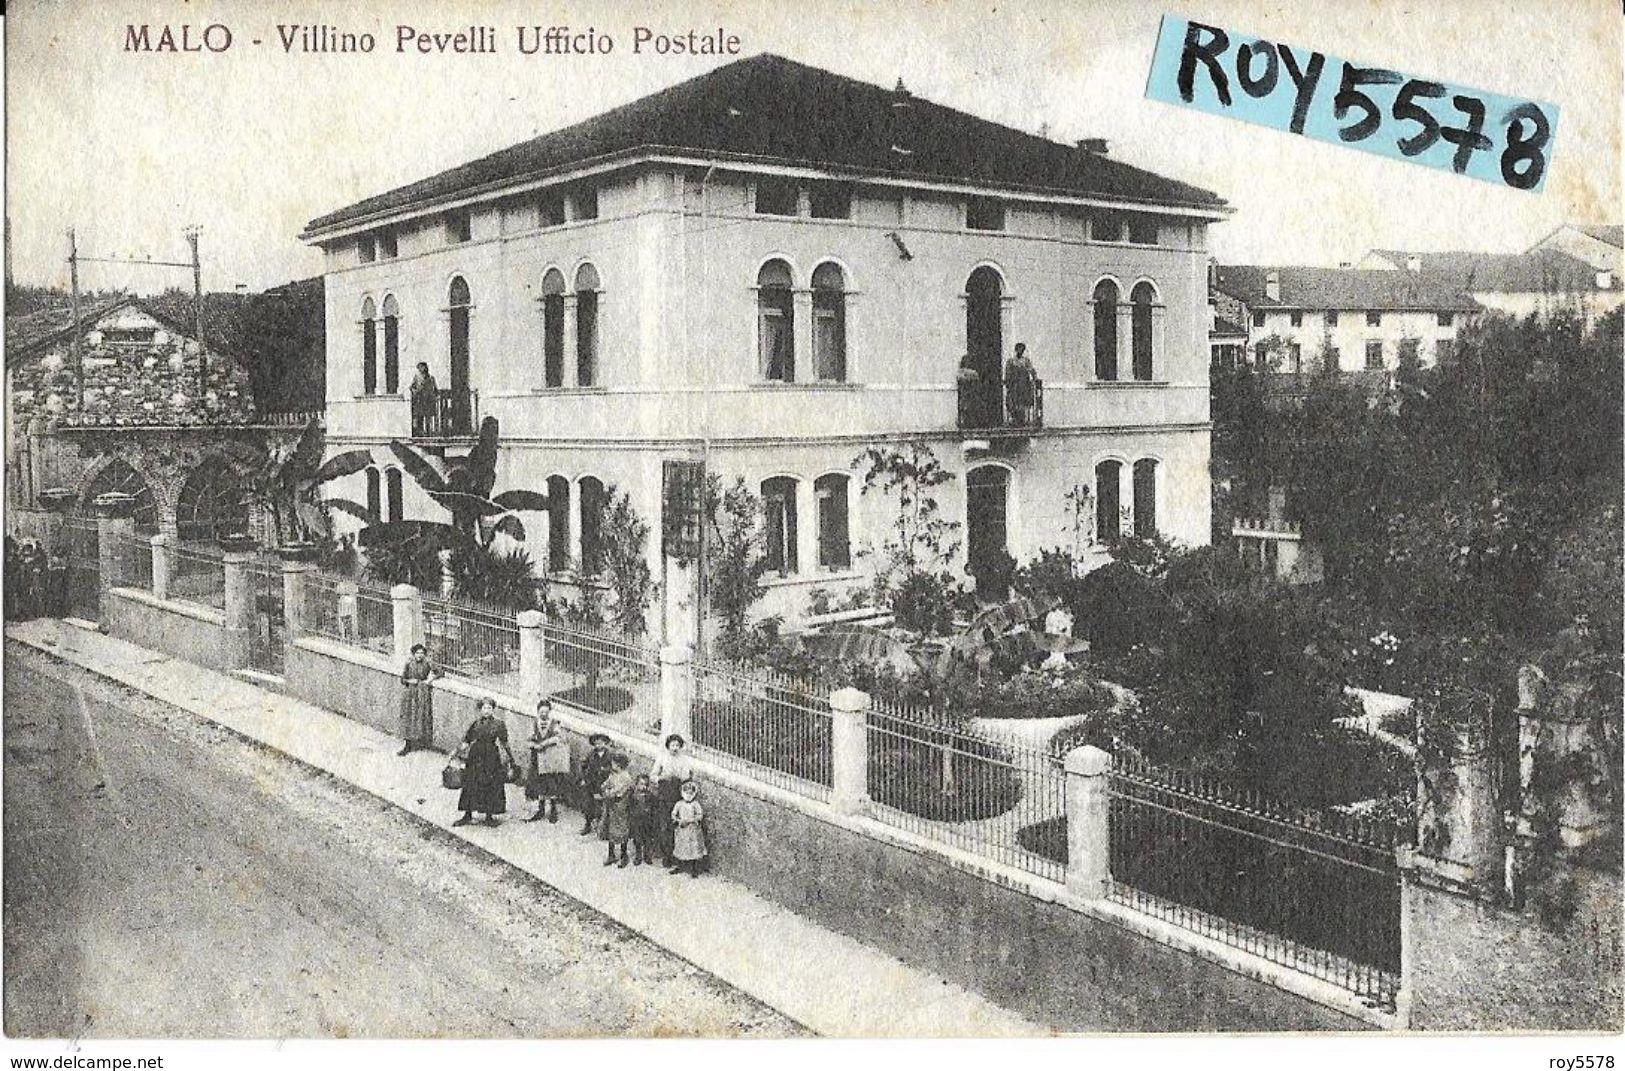 Veneto-vicenza-malo Veduta Villa Pevelli Ufficio Postale - Italia